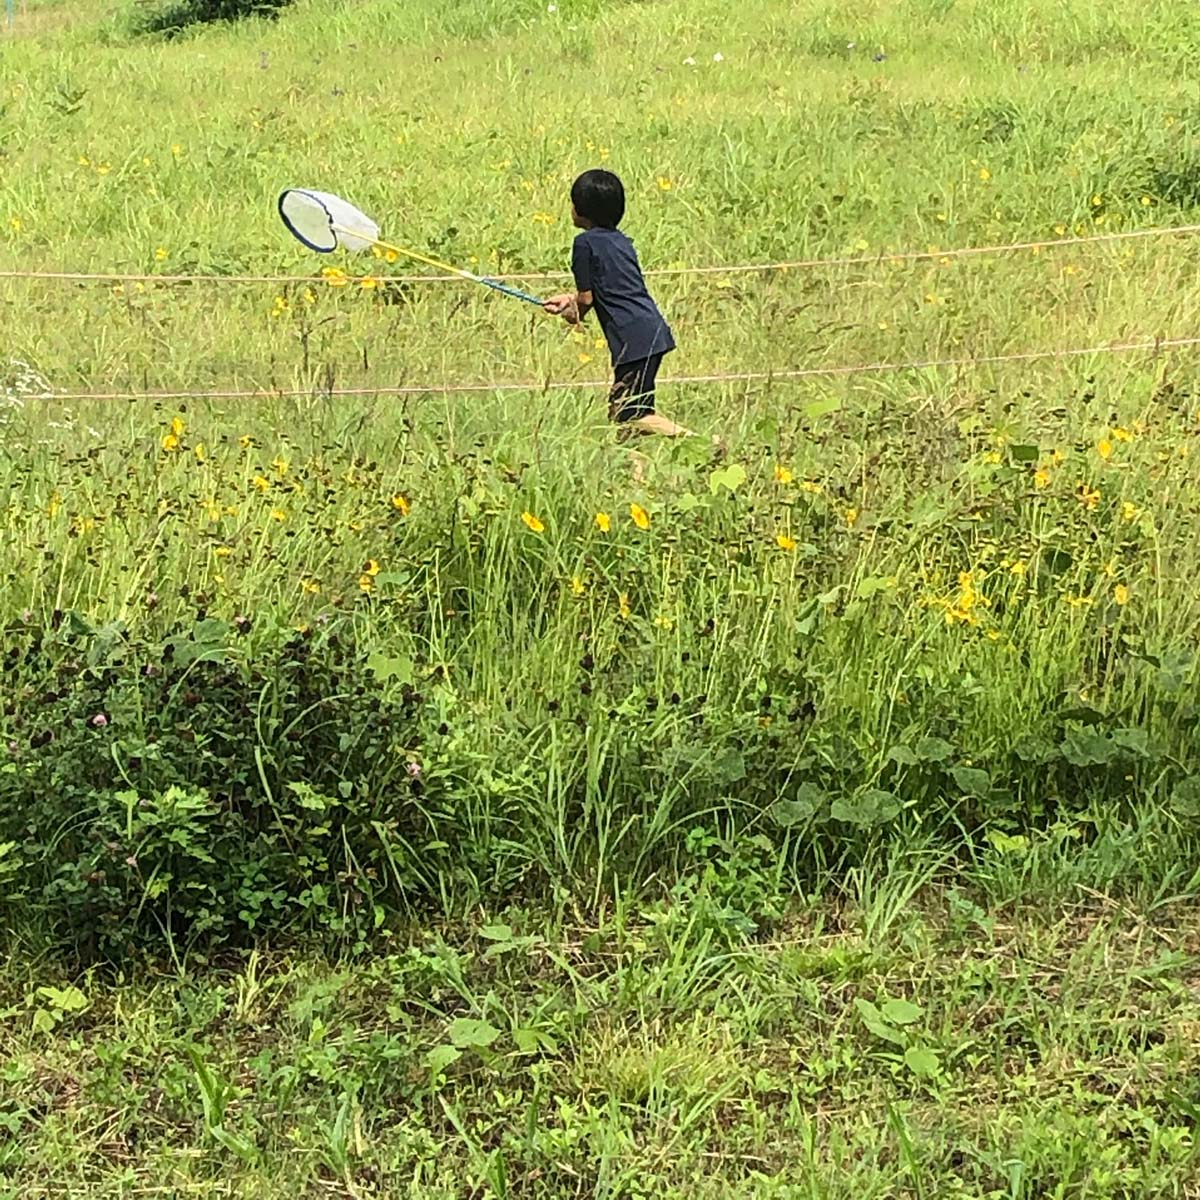 虫取りをする子供の写真